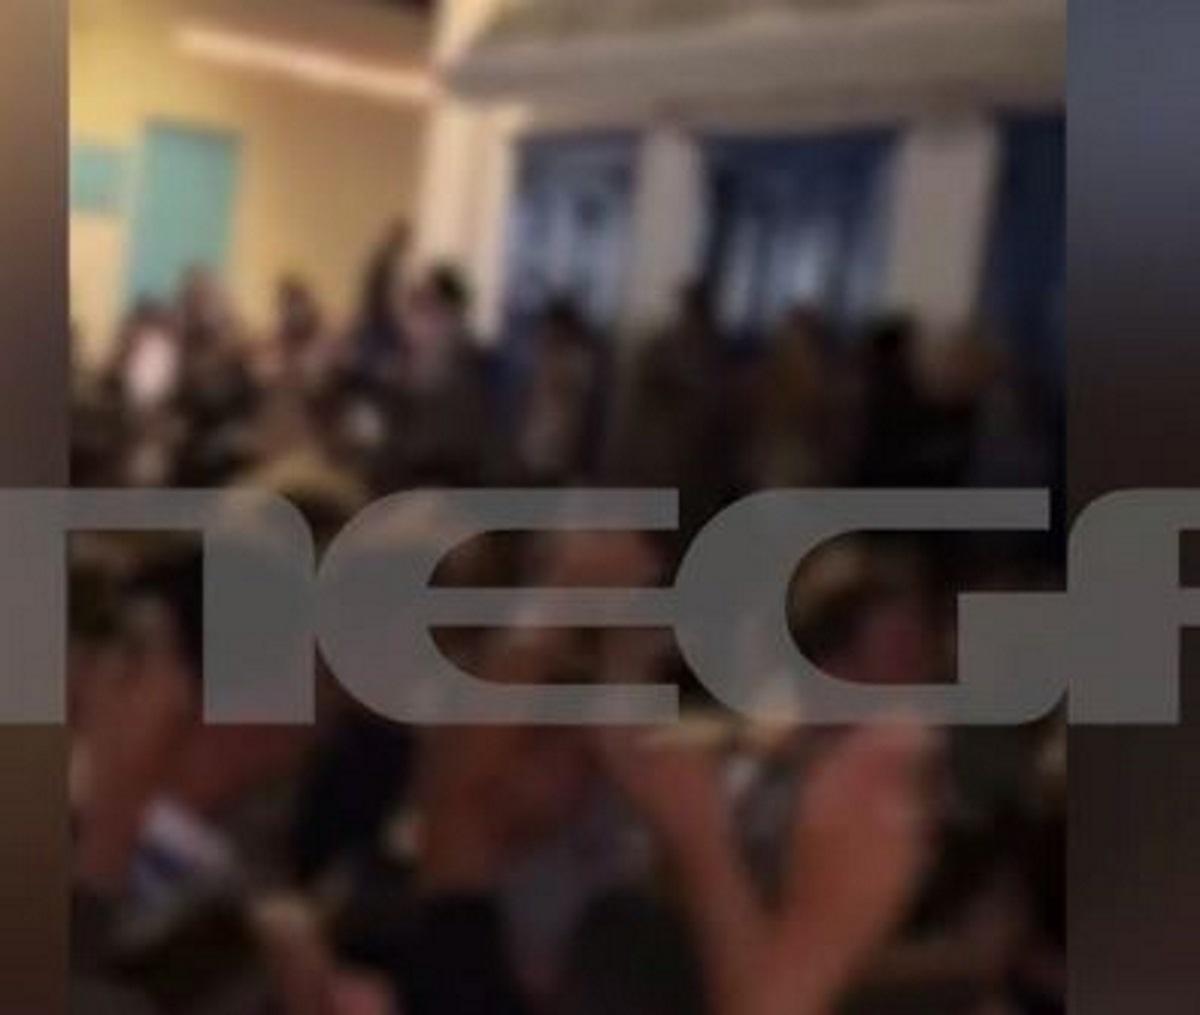 Το πάρτι δεν σταματά στη Μύκονο: Χαμός στα σοκάκια, ανεβαίνουν ακόμα και σε μπαλκόνια – Αντιδρούν οι επιχειρηματίες